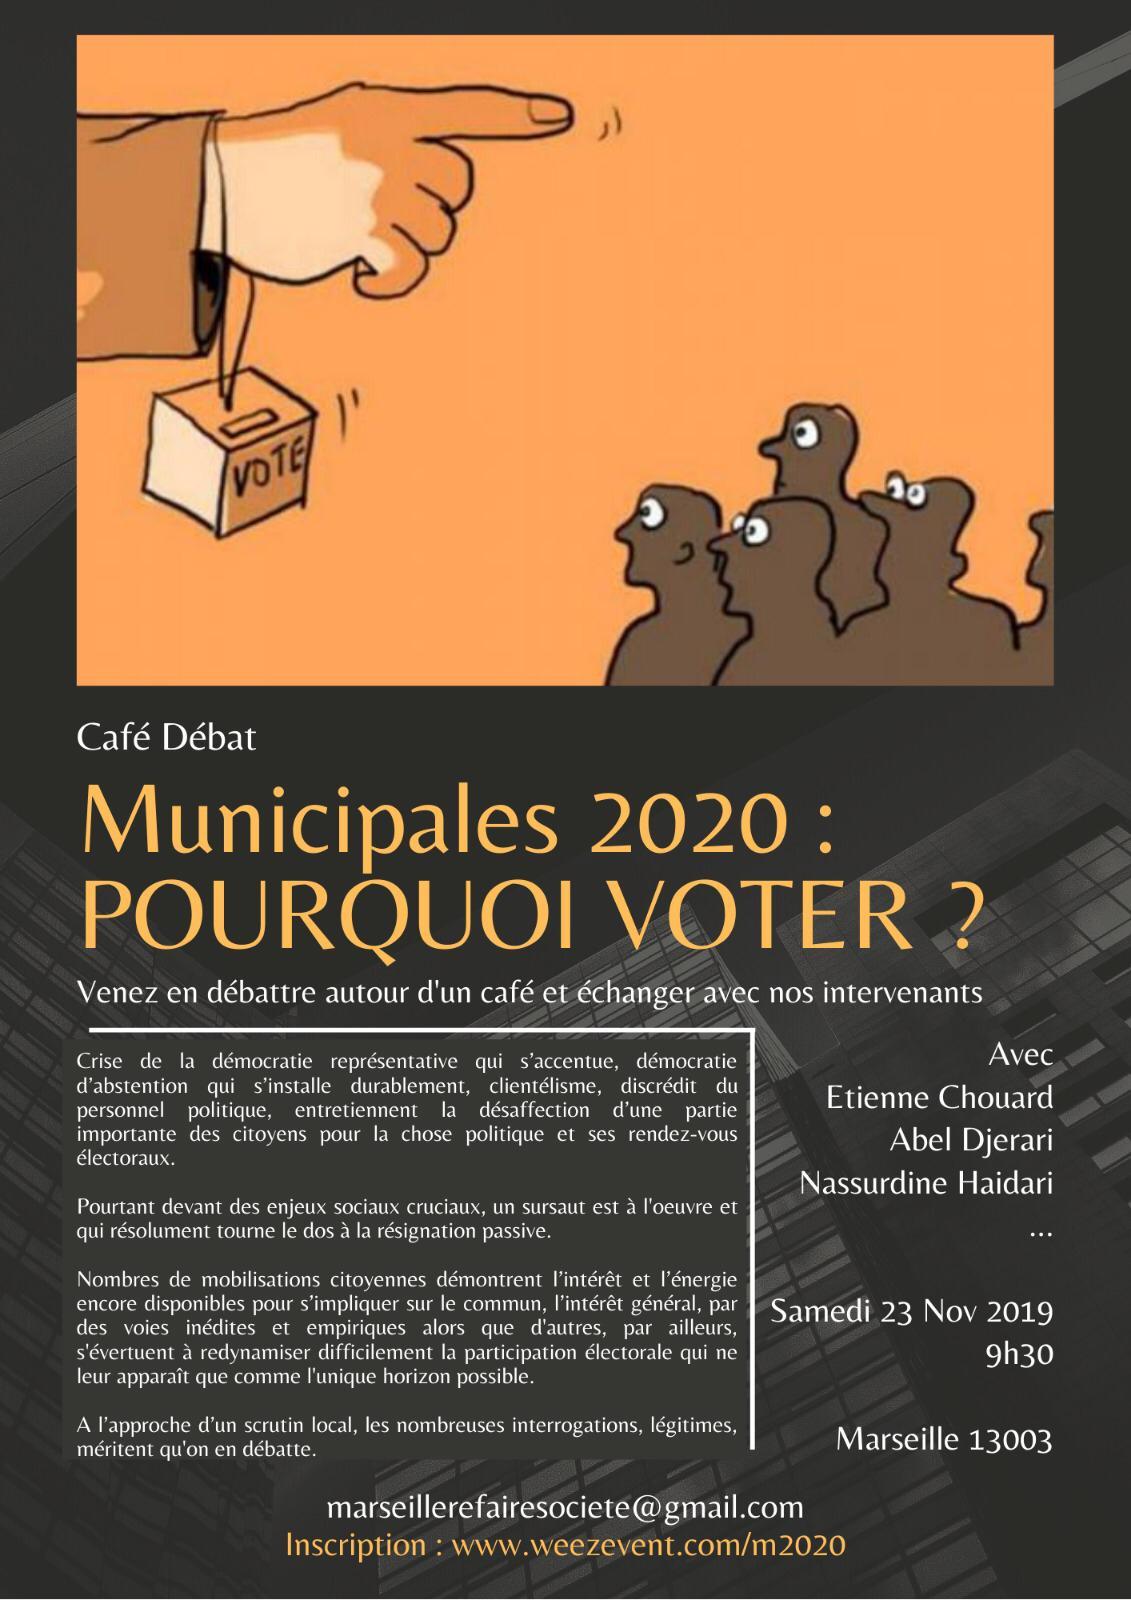 Rendez-vous à Marseille, samedi 23 novembre 2019 à 9h30, pour un café-débat «Pourquoi voter?»